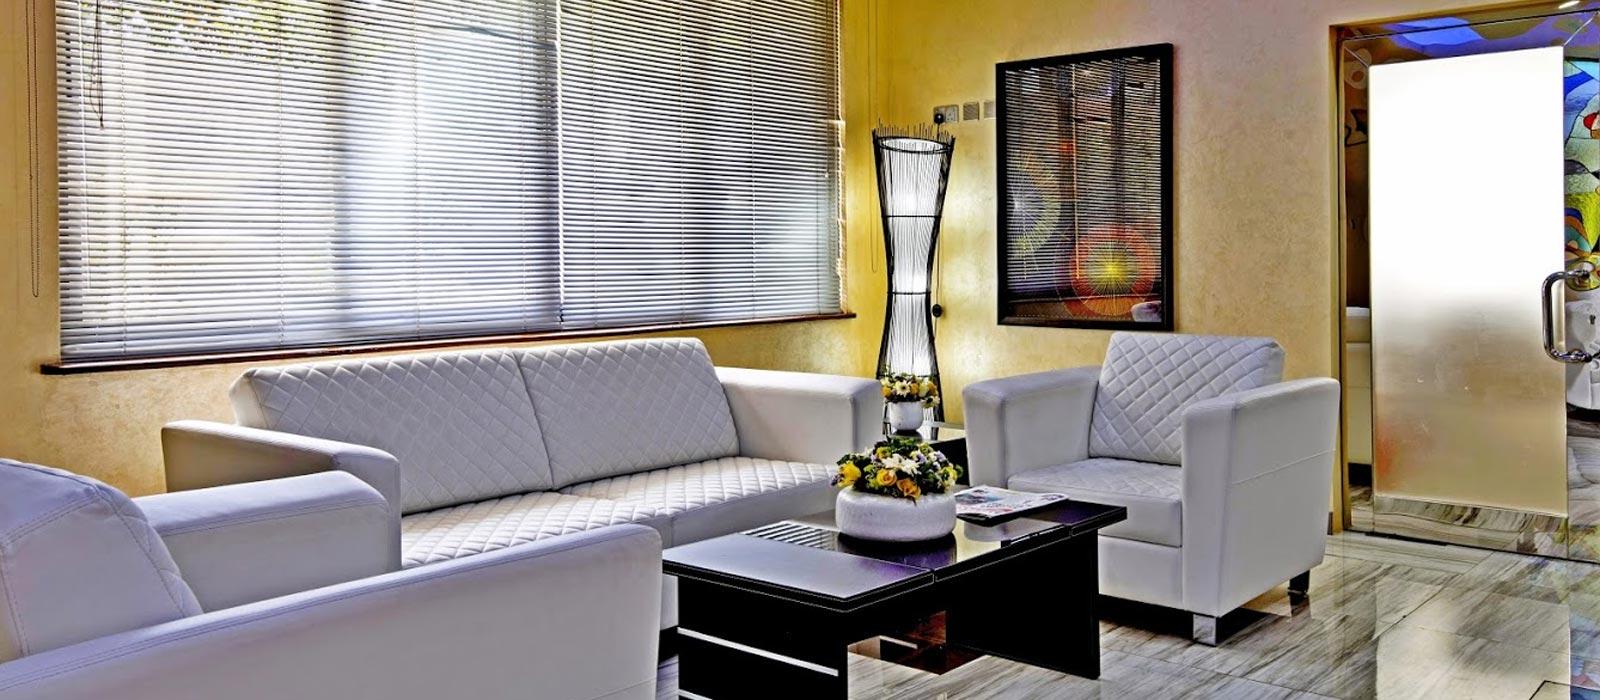 Gramo Suites Hotel Apartments